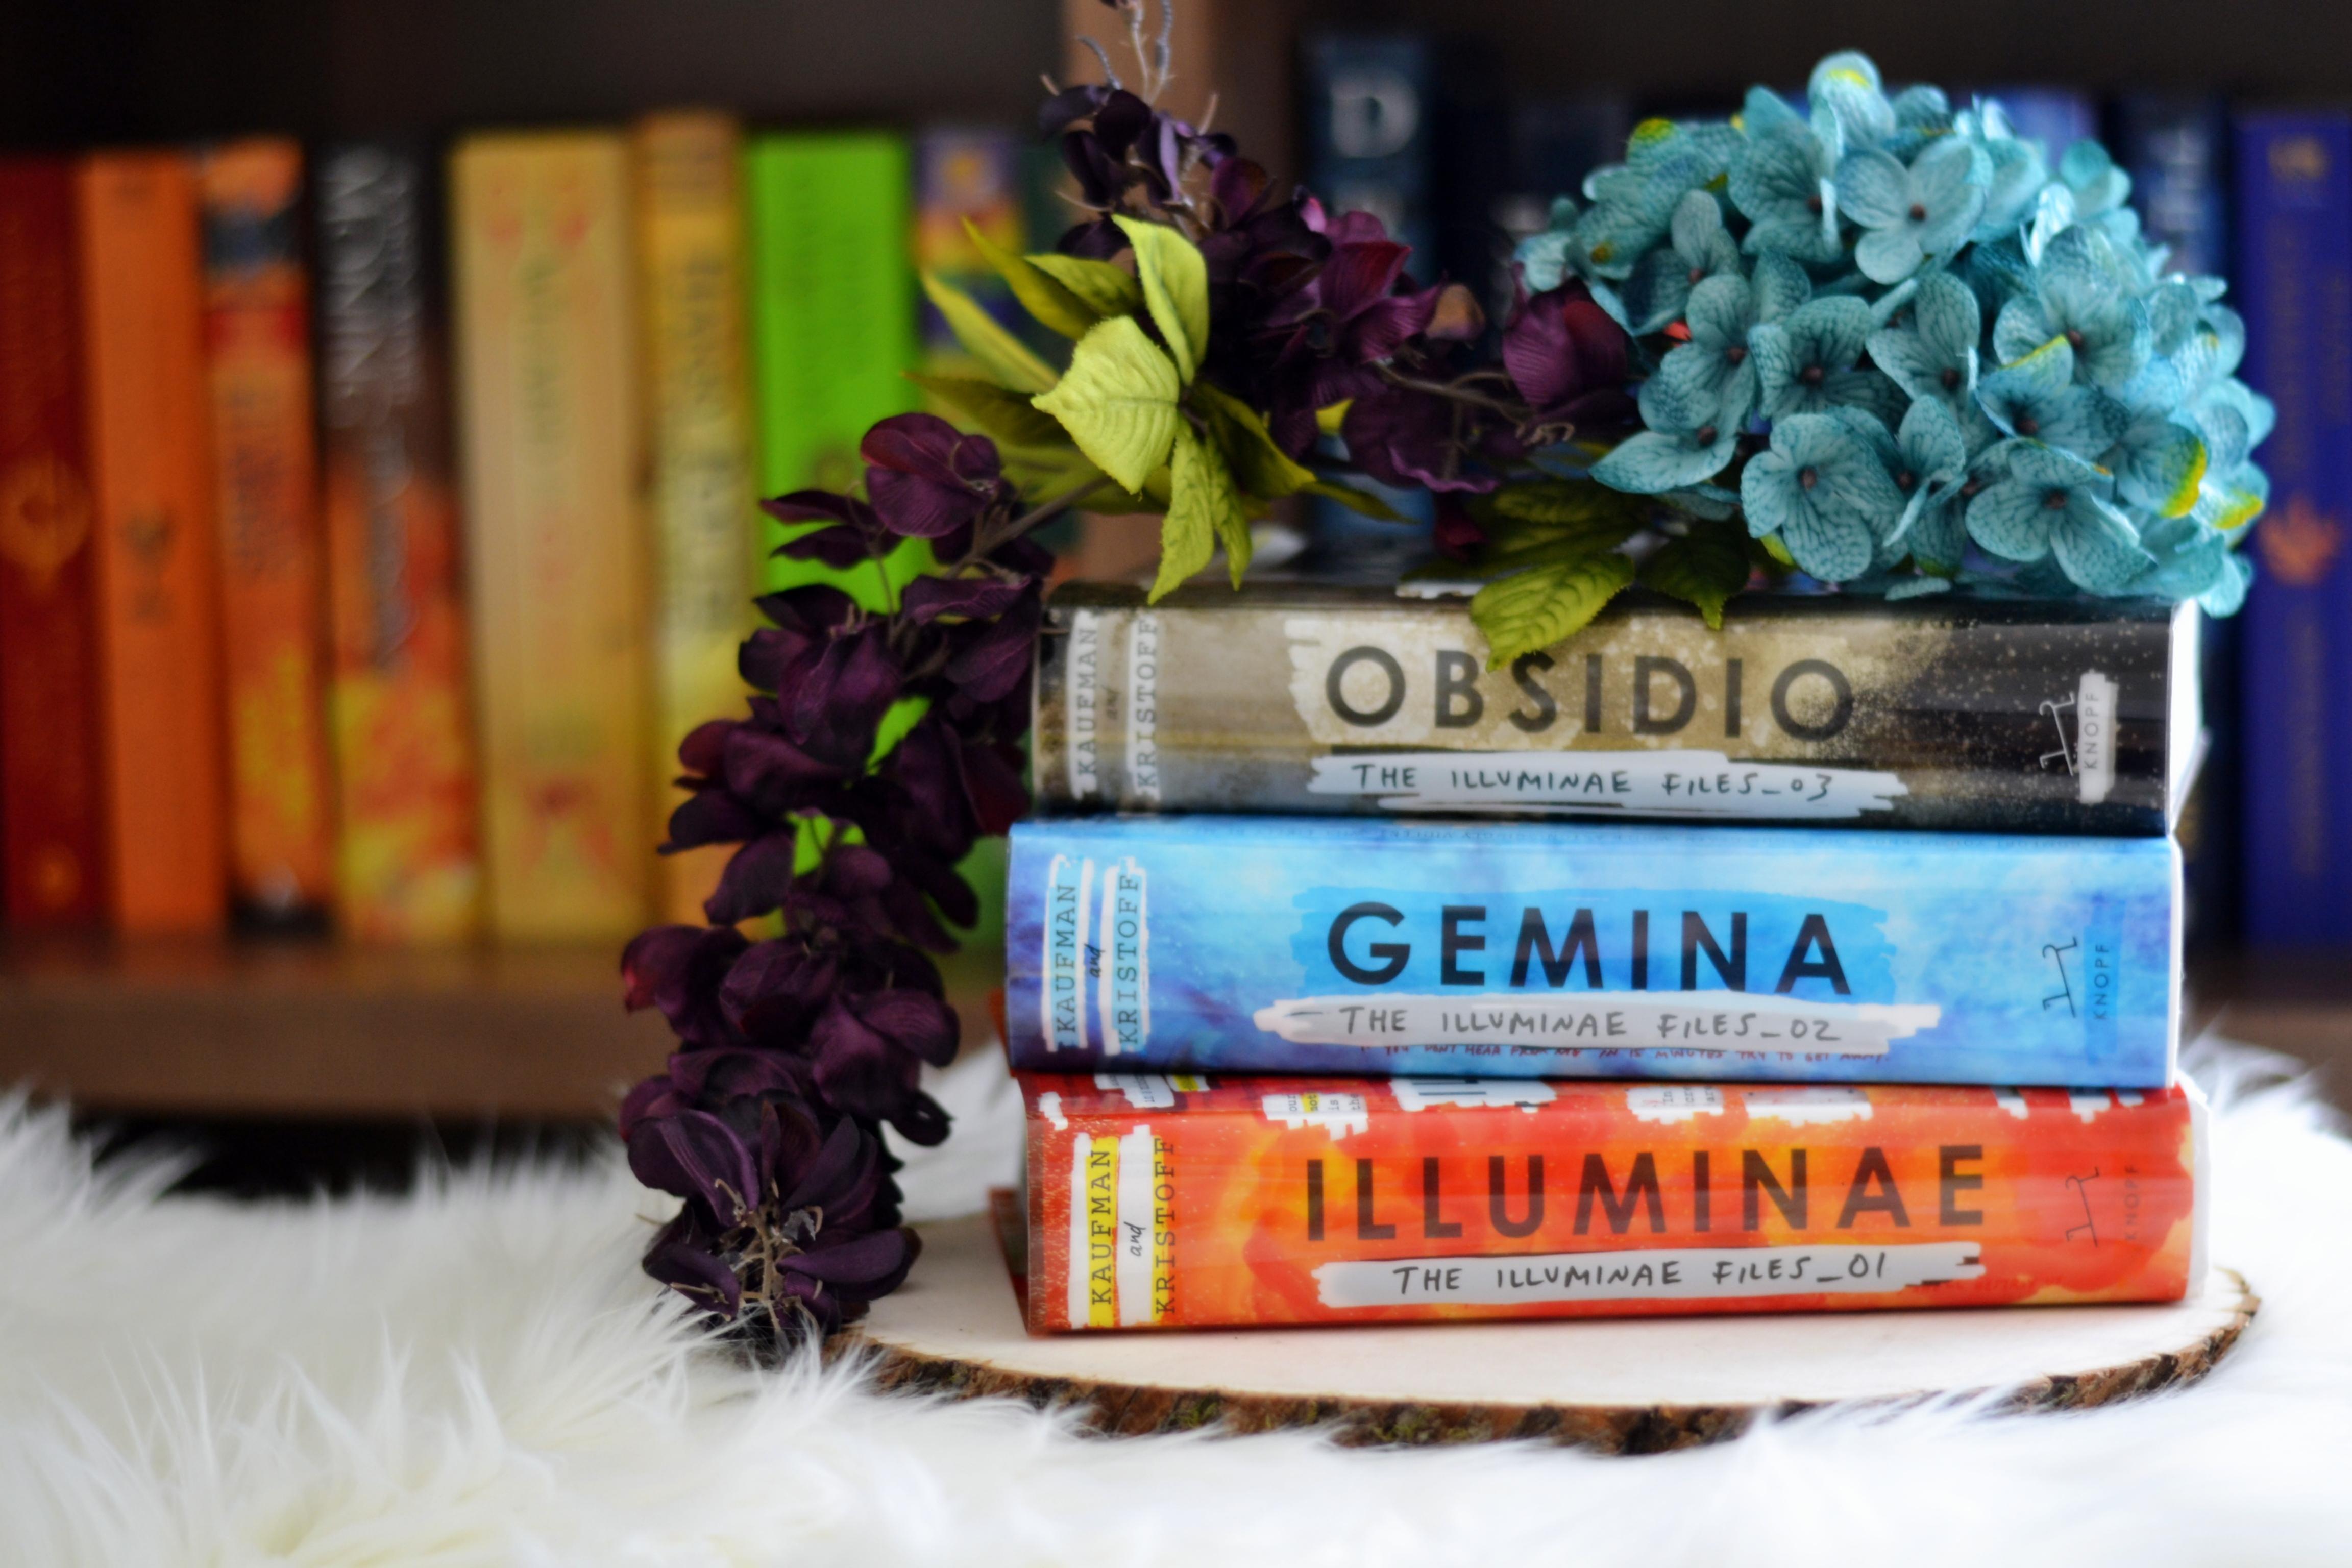 Gemina by Amie Kaufman & Jay Kristoff | Review